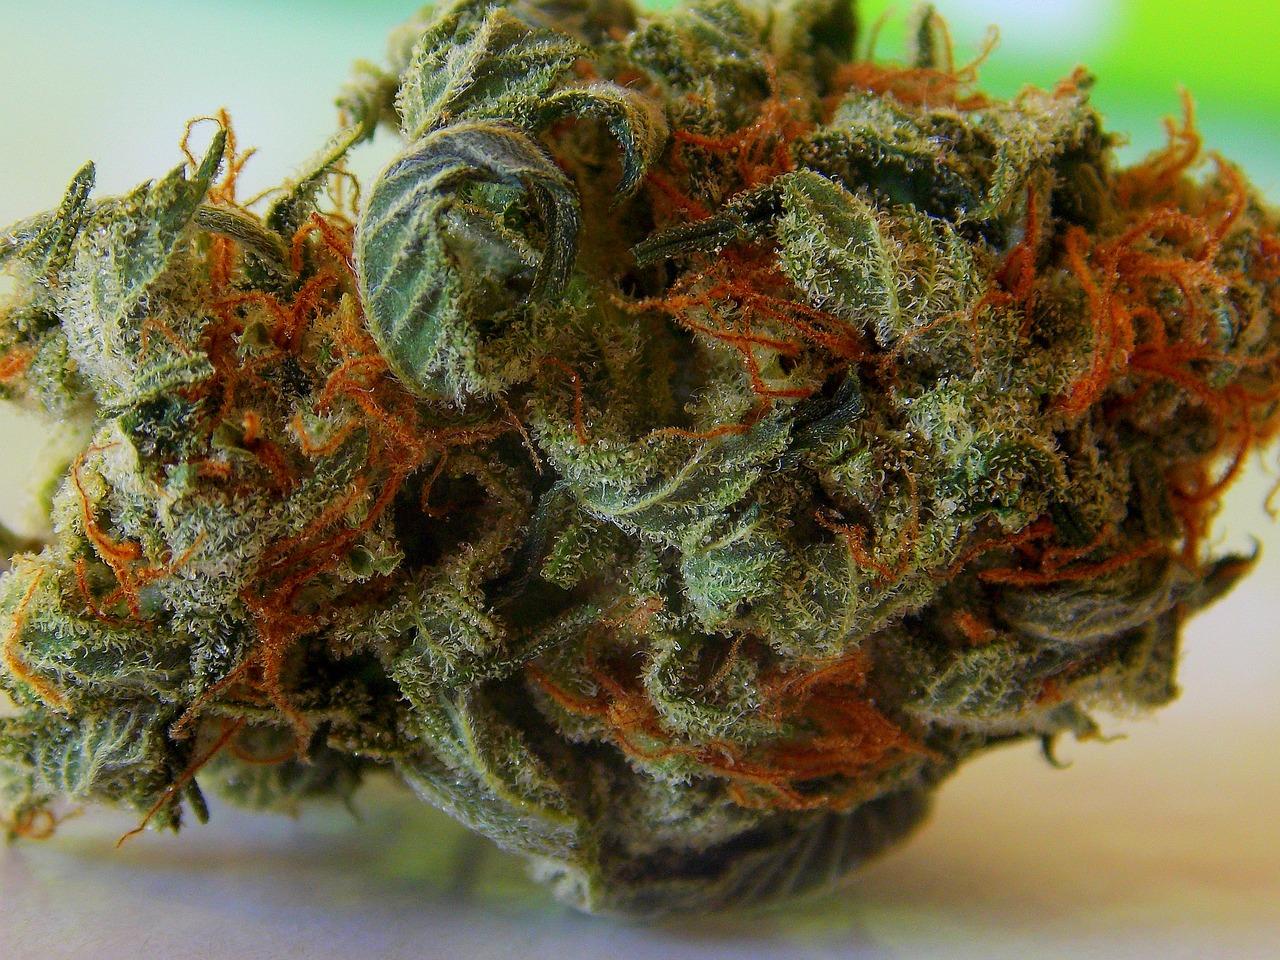 Comment obtenir plus de fleurs et de meilleurs bourgeons dans vos plants de marijuana